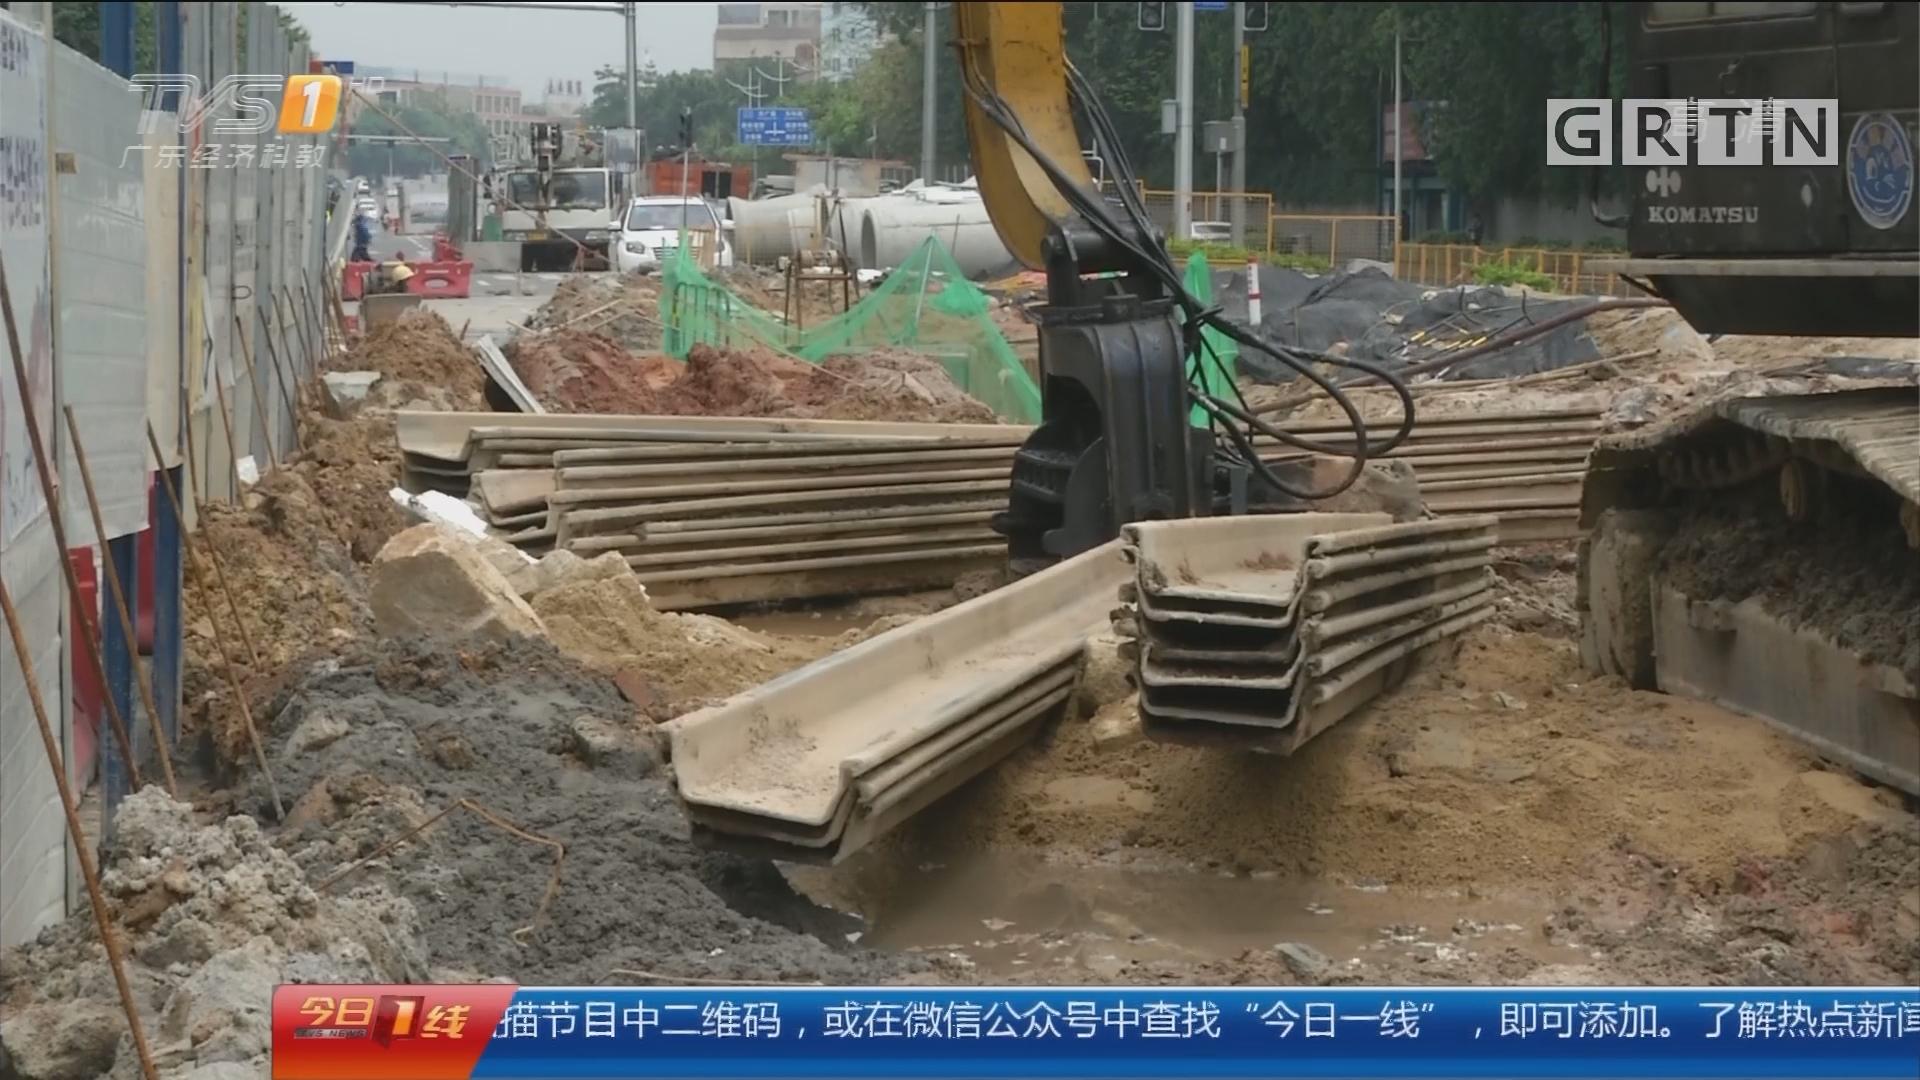 广州番禺:十米钢板从天降 弹起砸中三轮车